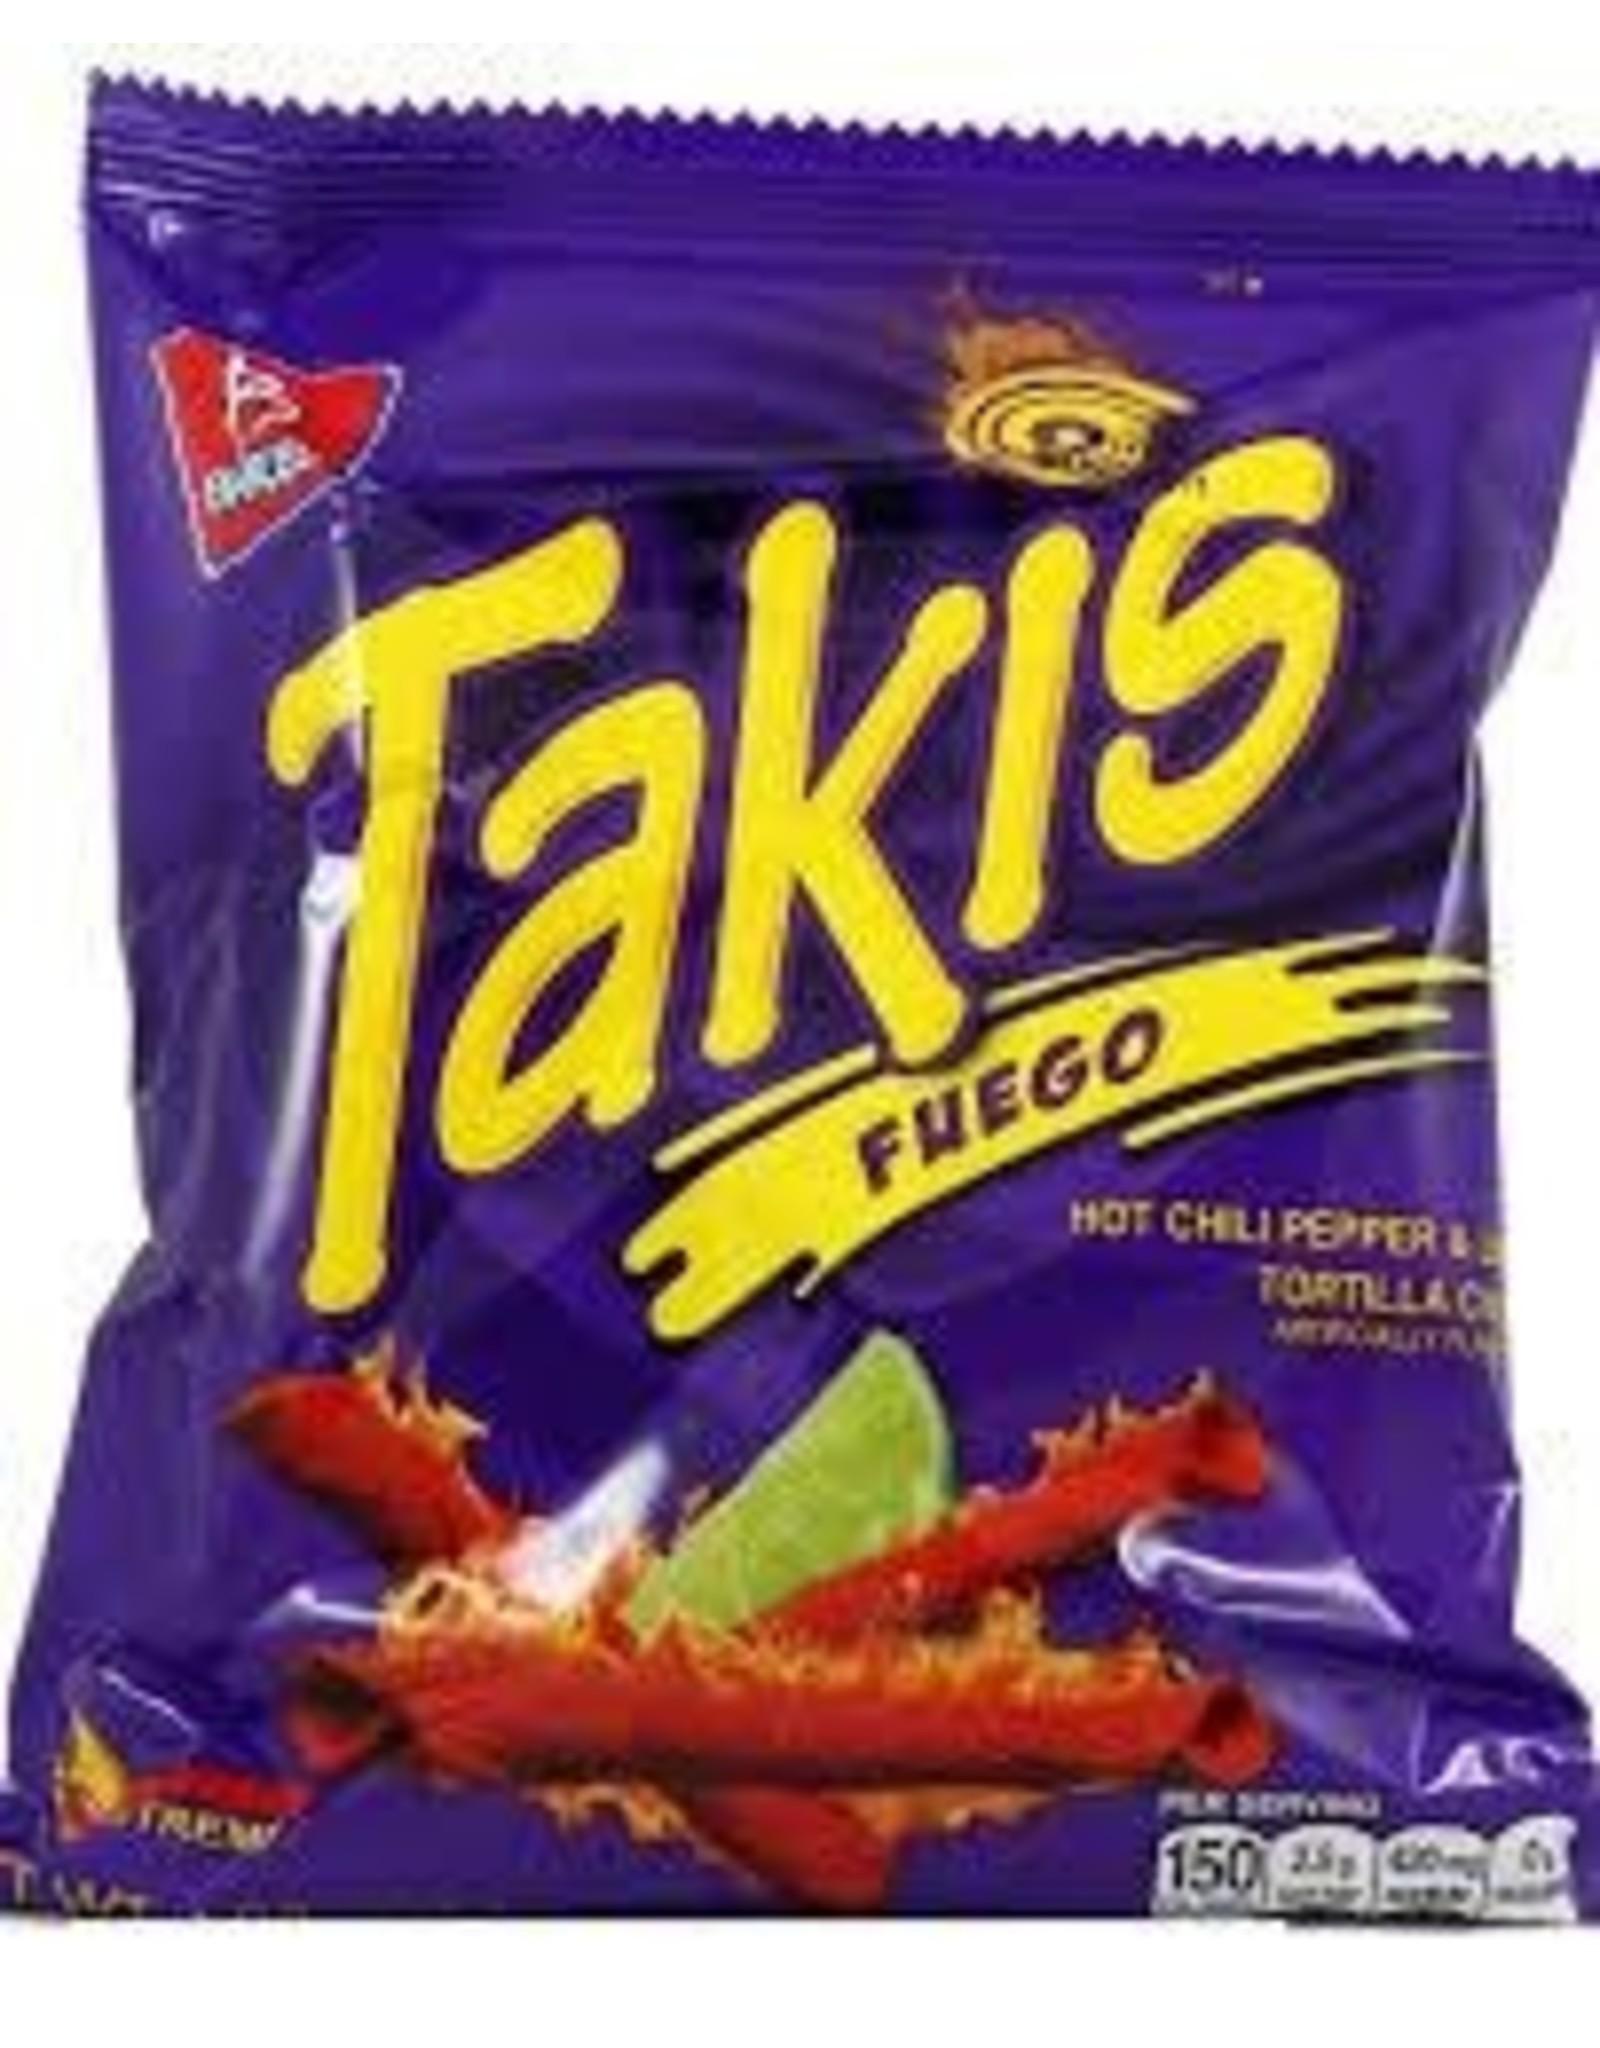 Takis Fuego - 68g